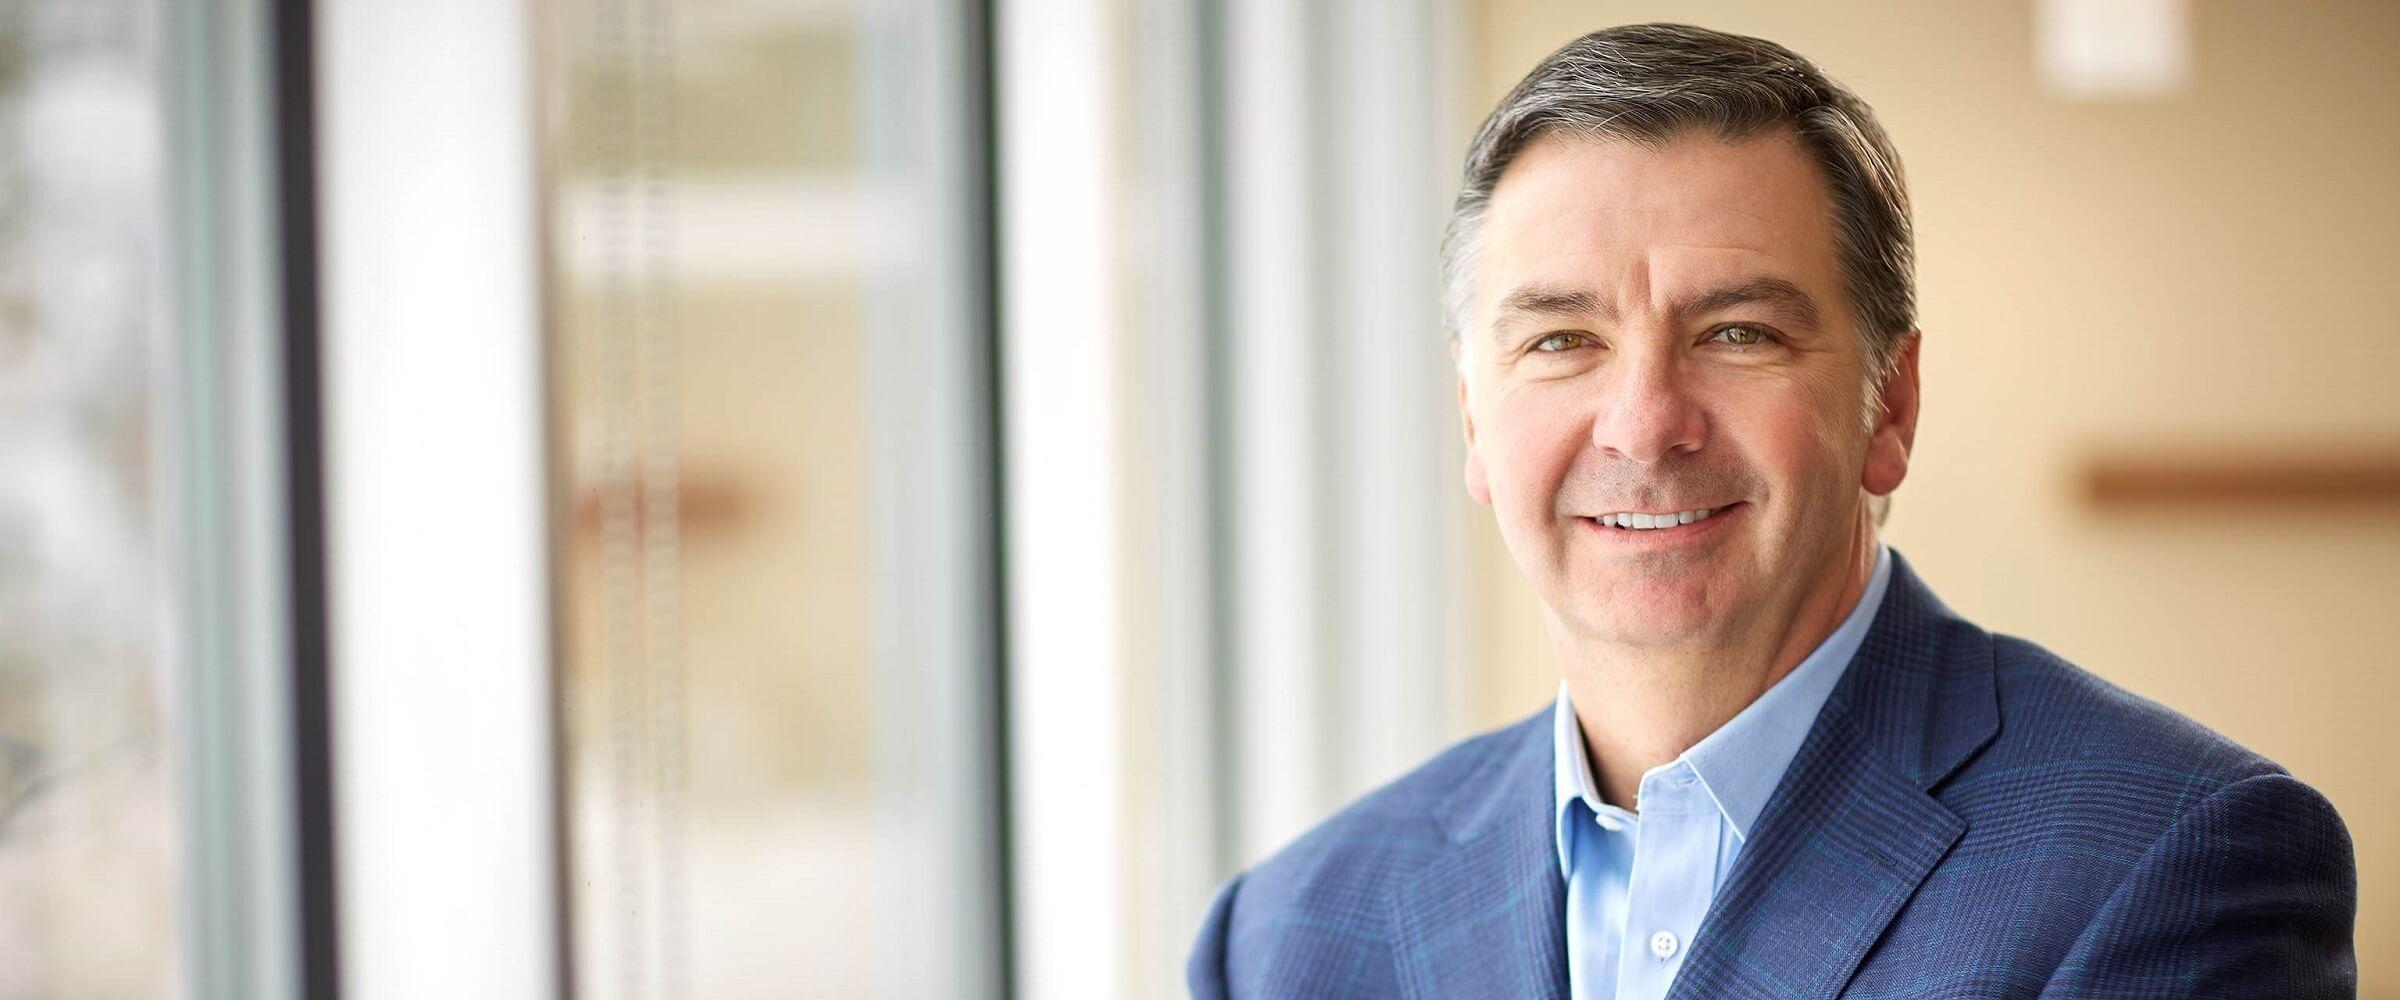 Leadership Jim Snee